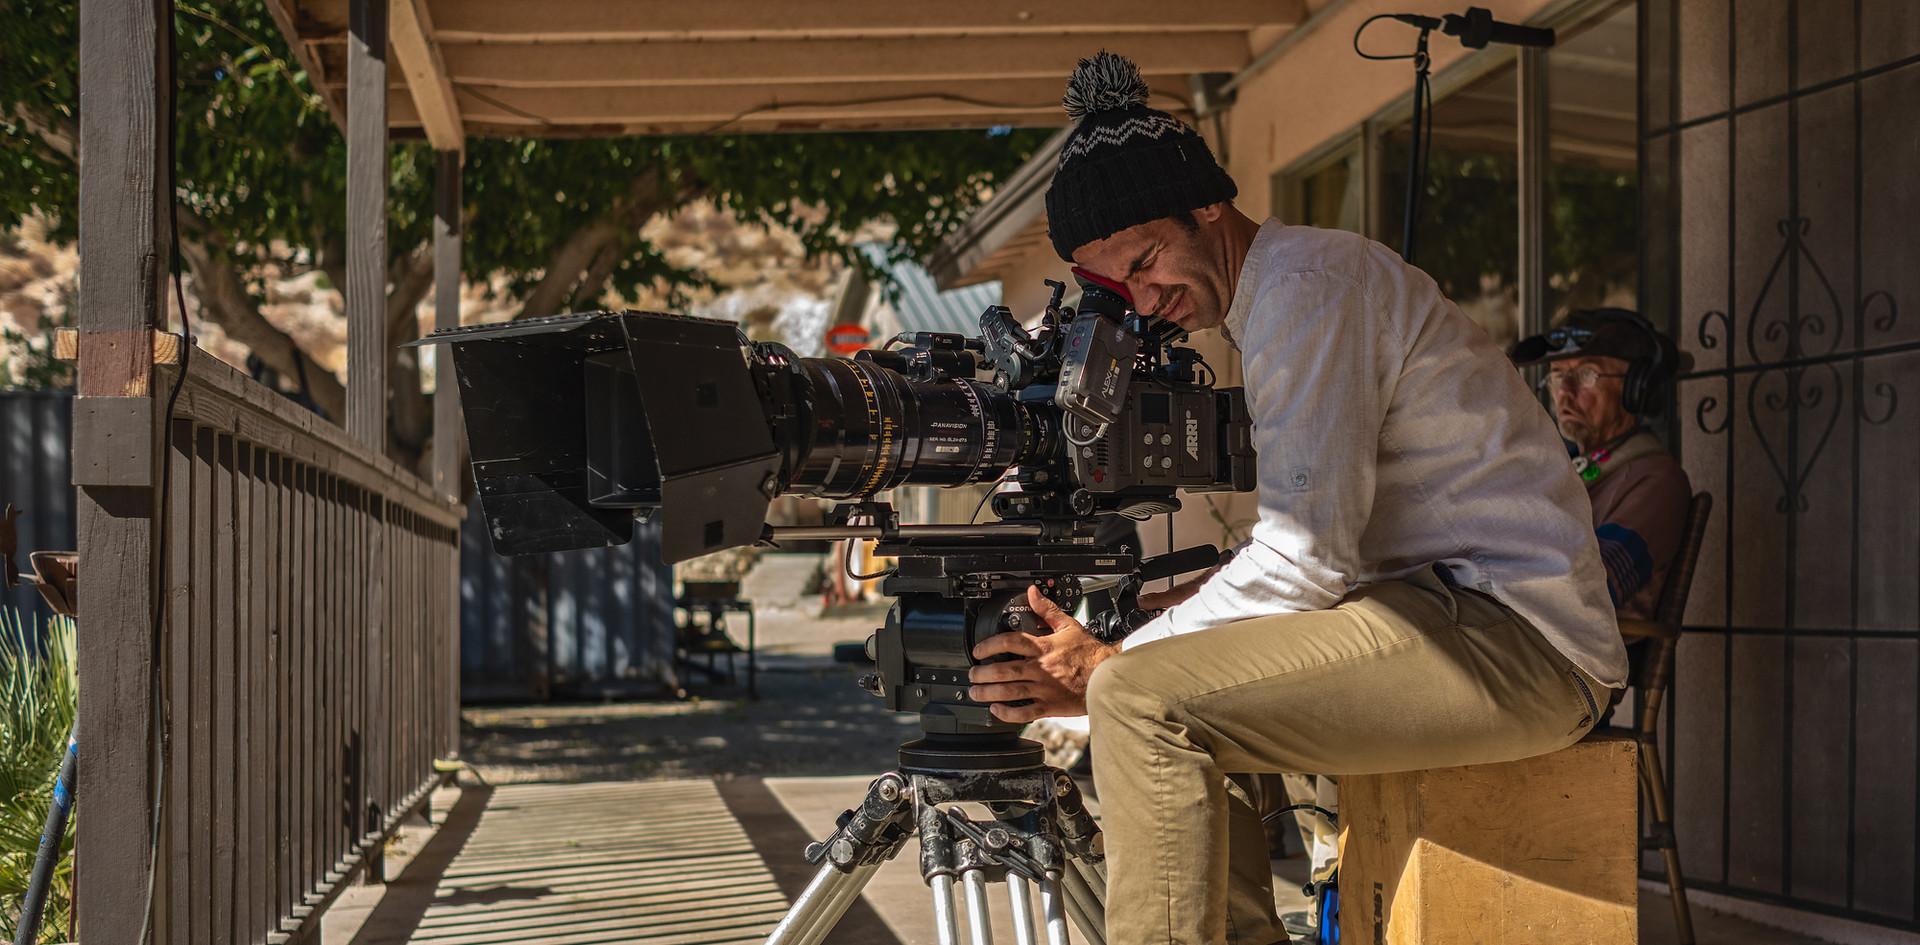 Dennis Zanatta - Director of Photography